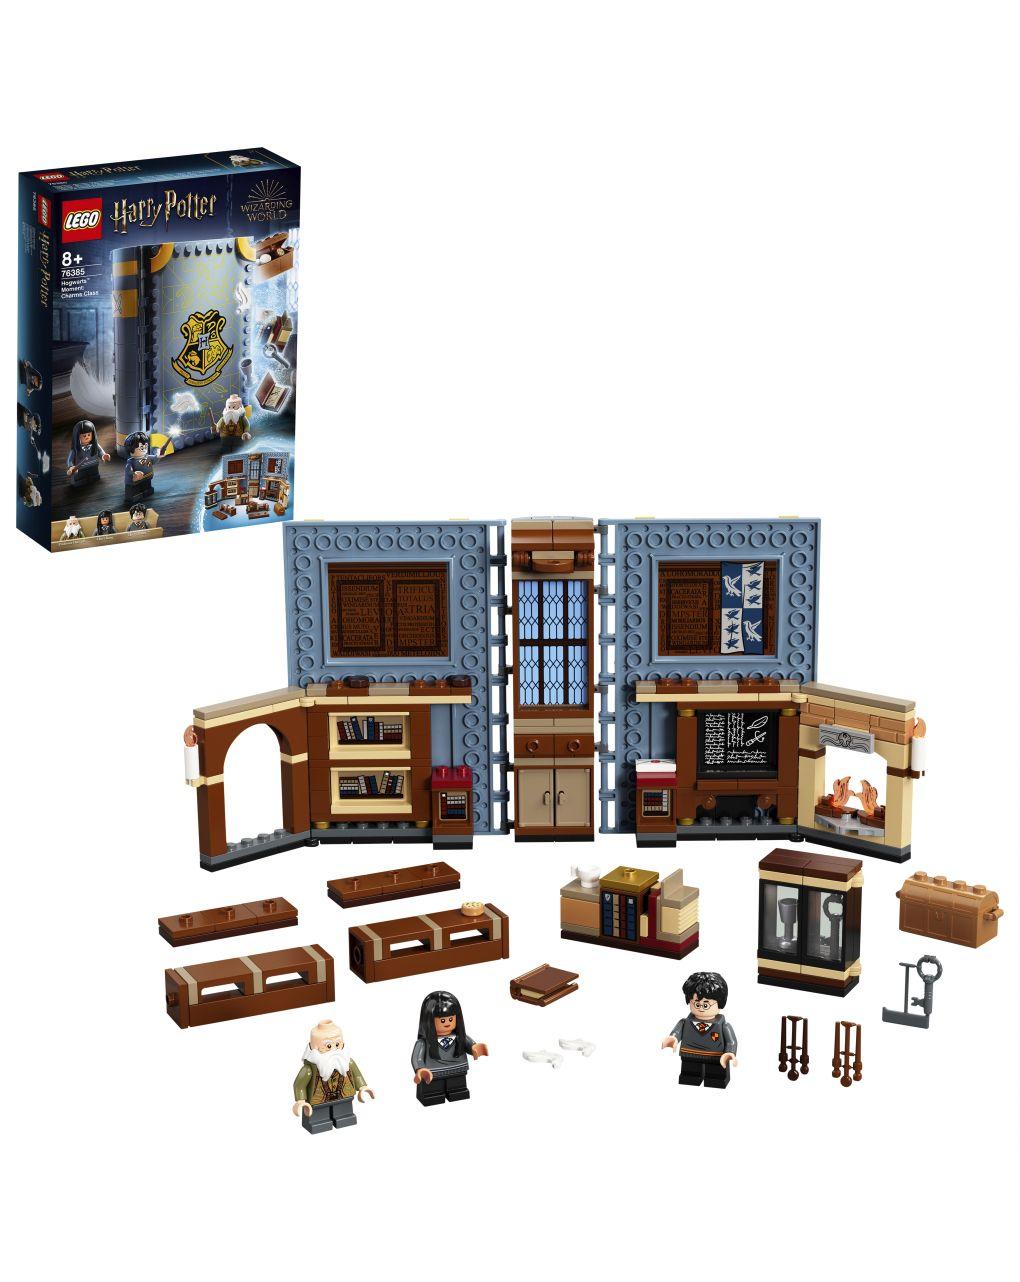 Lego harry potter tm - lezione di incantesimi a hogwarts™ - 76385 - LEGO